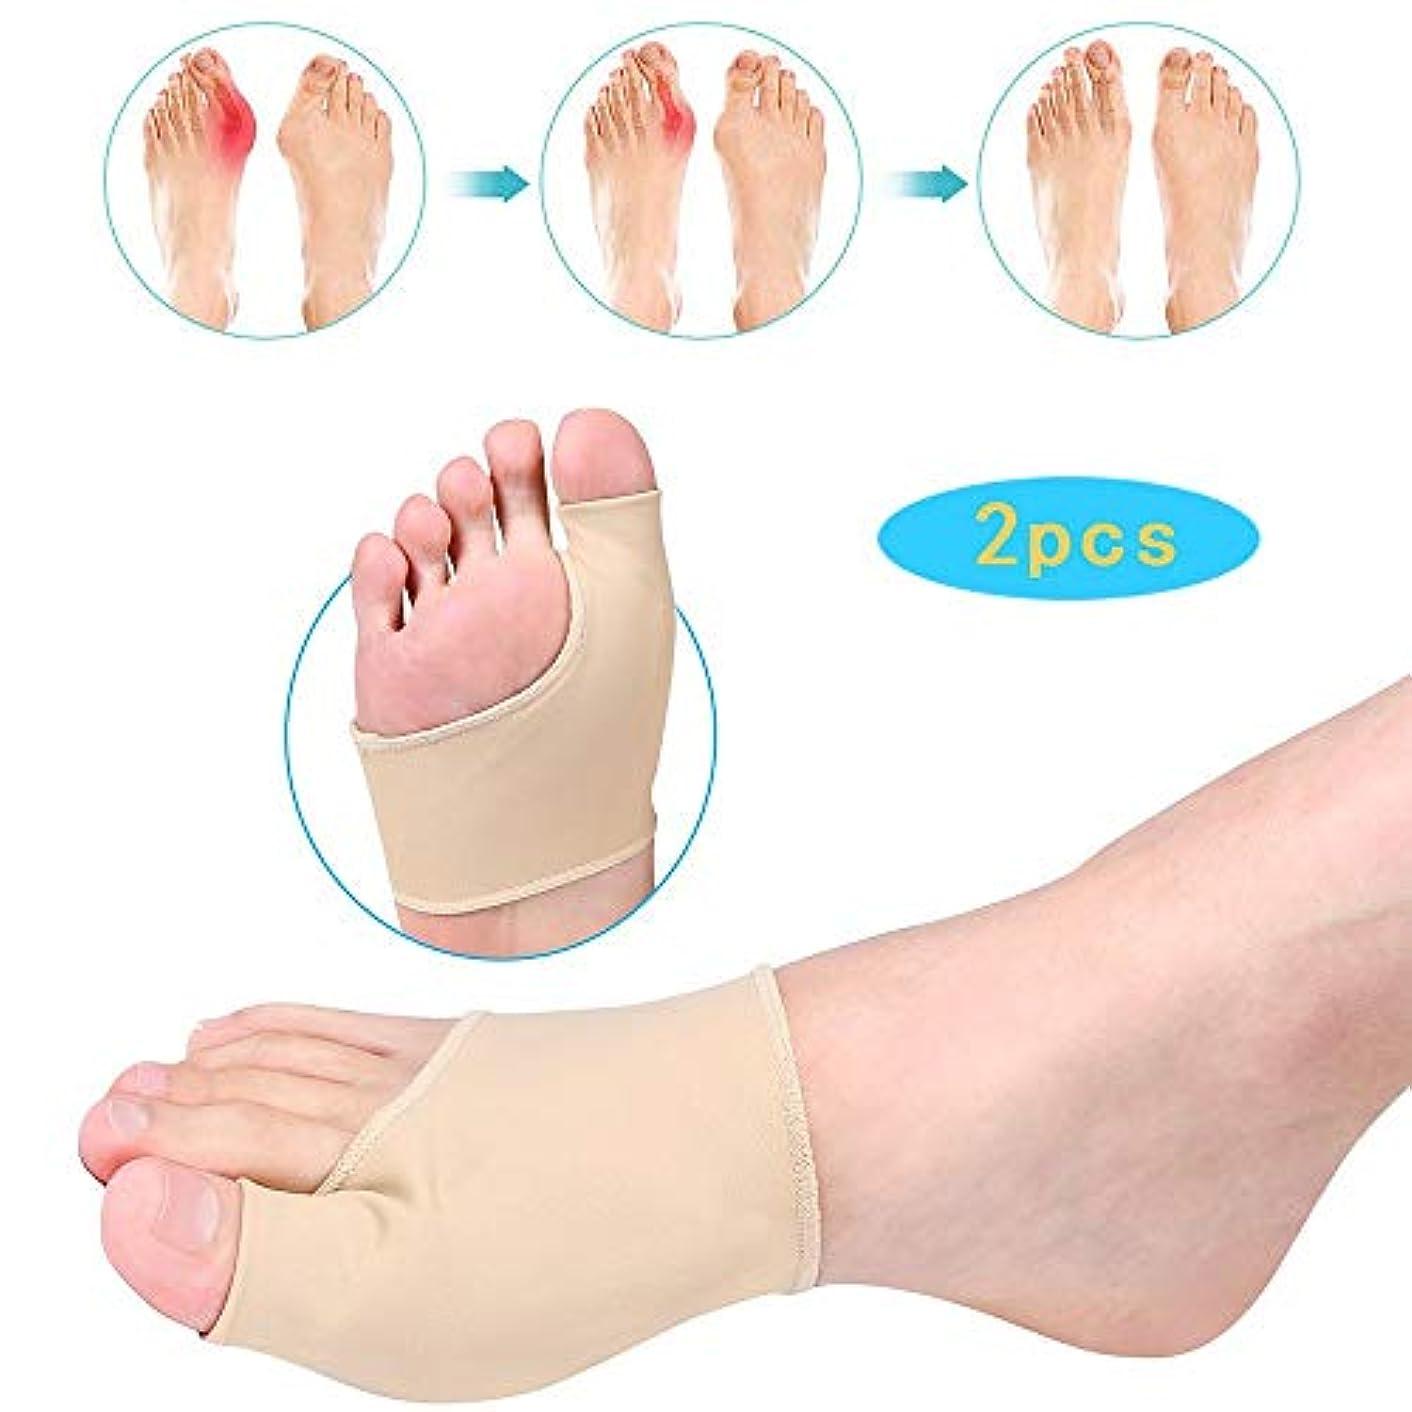 マイルストーン枯渇するバイパス1ペア腱膜瘤矯正親指矯正器親指外反母Builtクッション矯正器、外反母Valのためのシリコンゲルパッドを内蔵、痛み軽減、昼夜対応(アプリコット色)